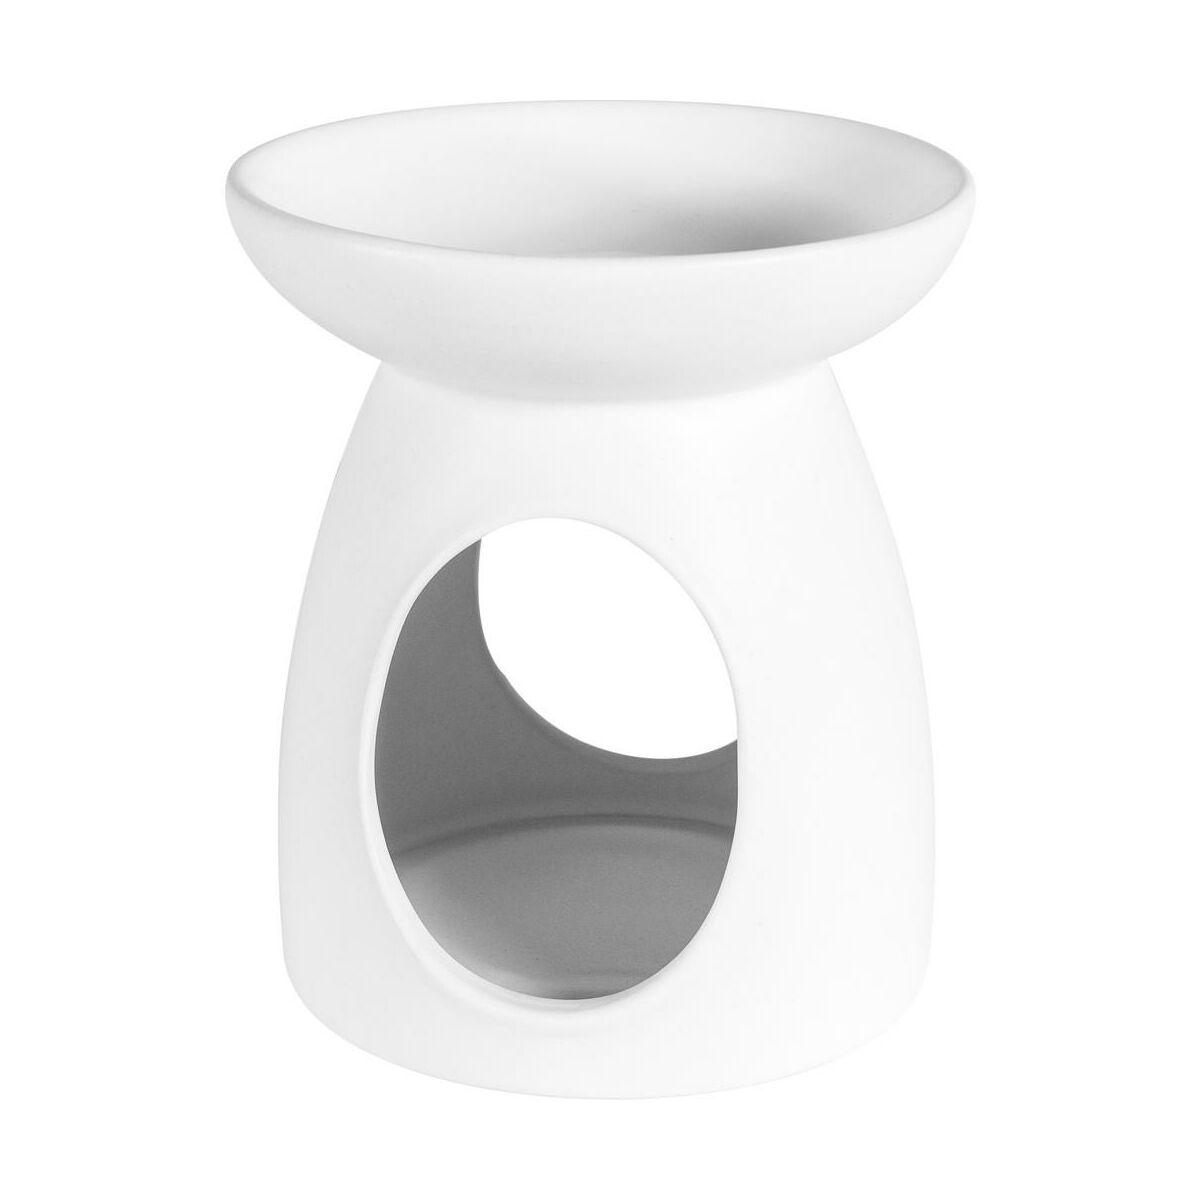 Kominek Ceramiczny Creations Wys 11 4 Cm Bialy Swieczniki Latarenki W Atrakcyjnej Cenie W Sklepach Leroy Merlin